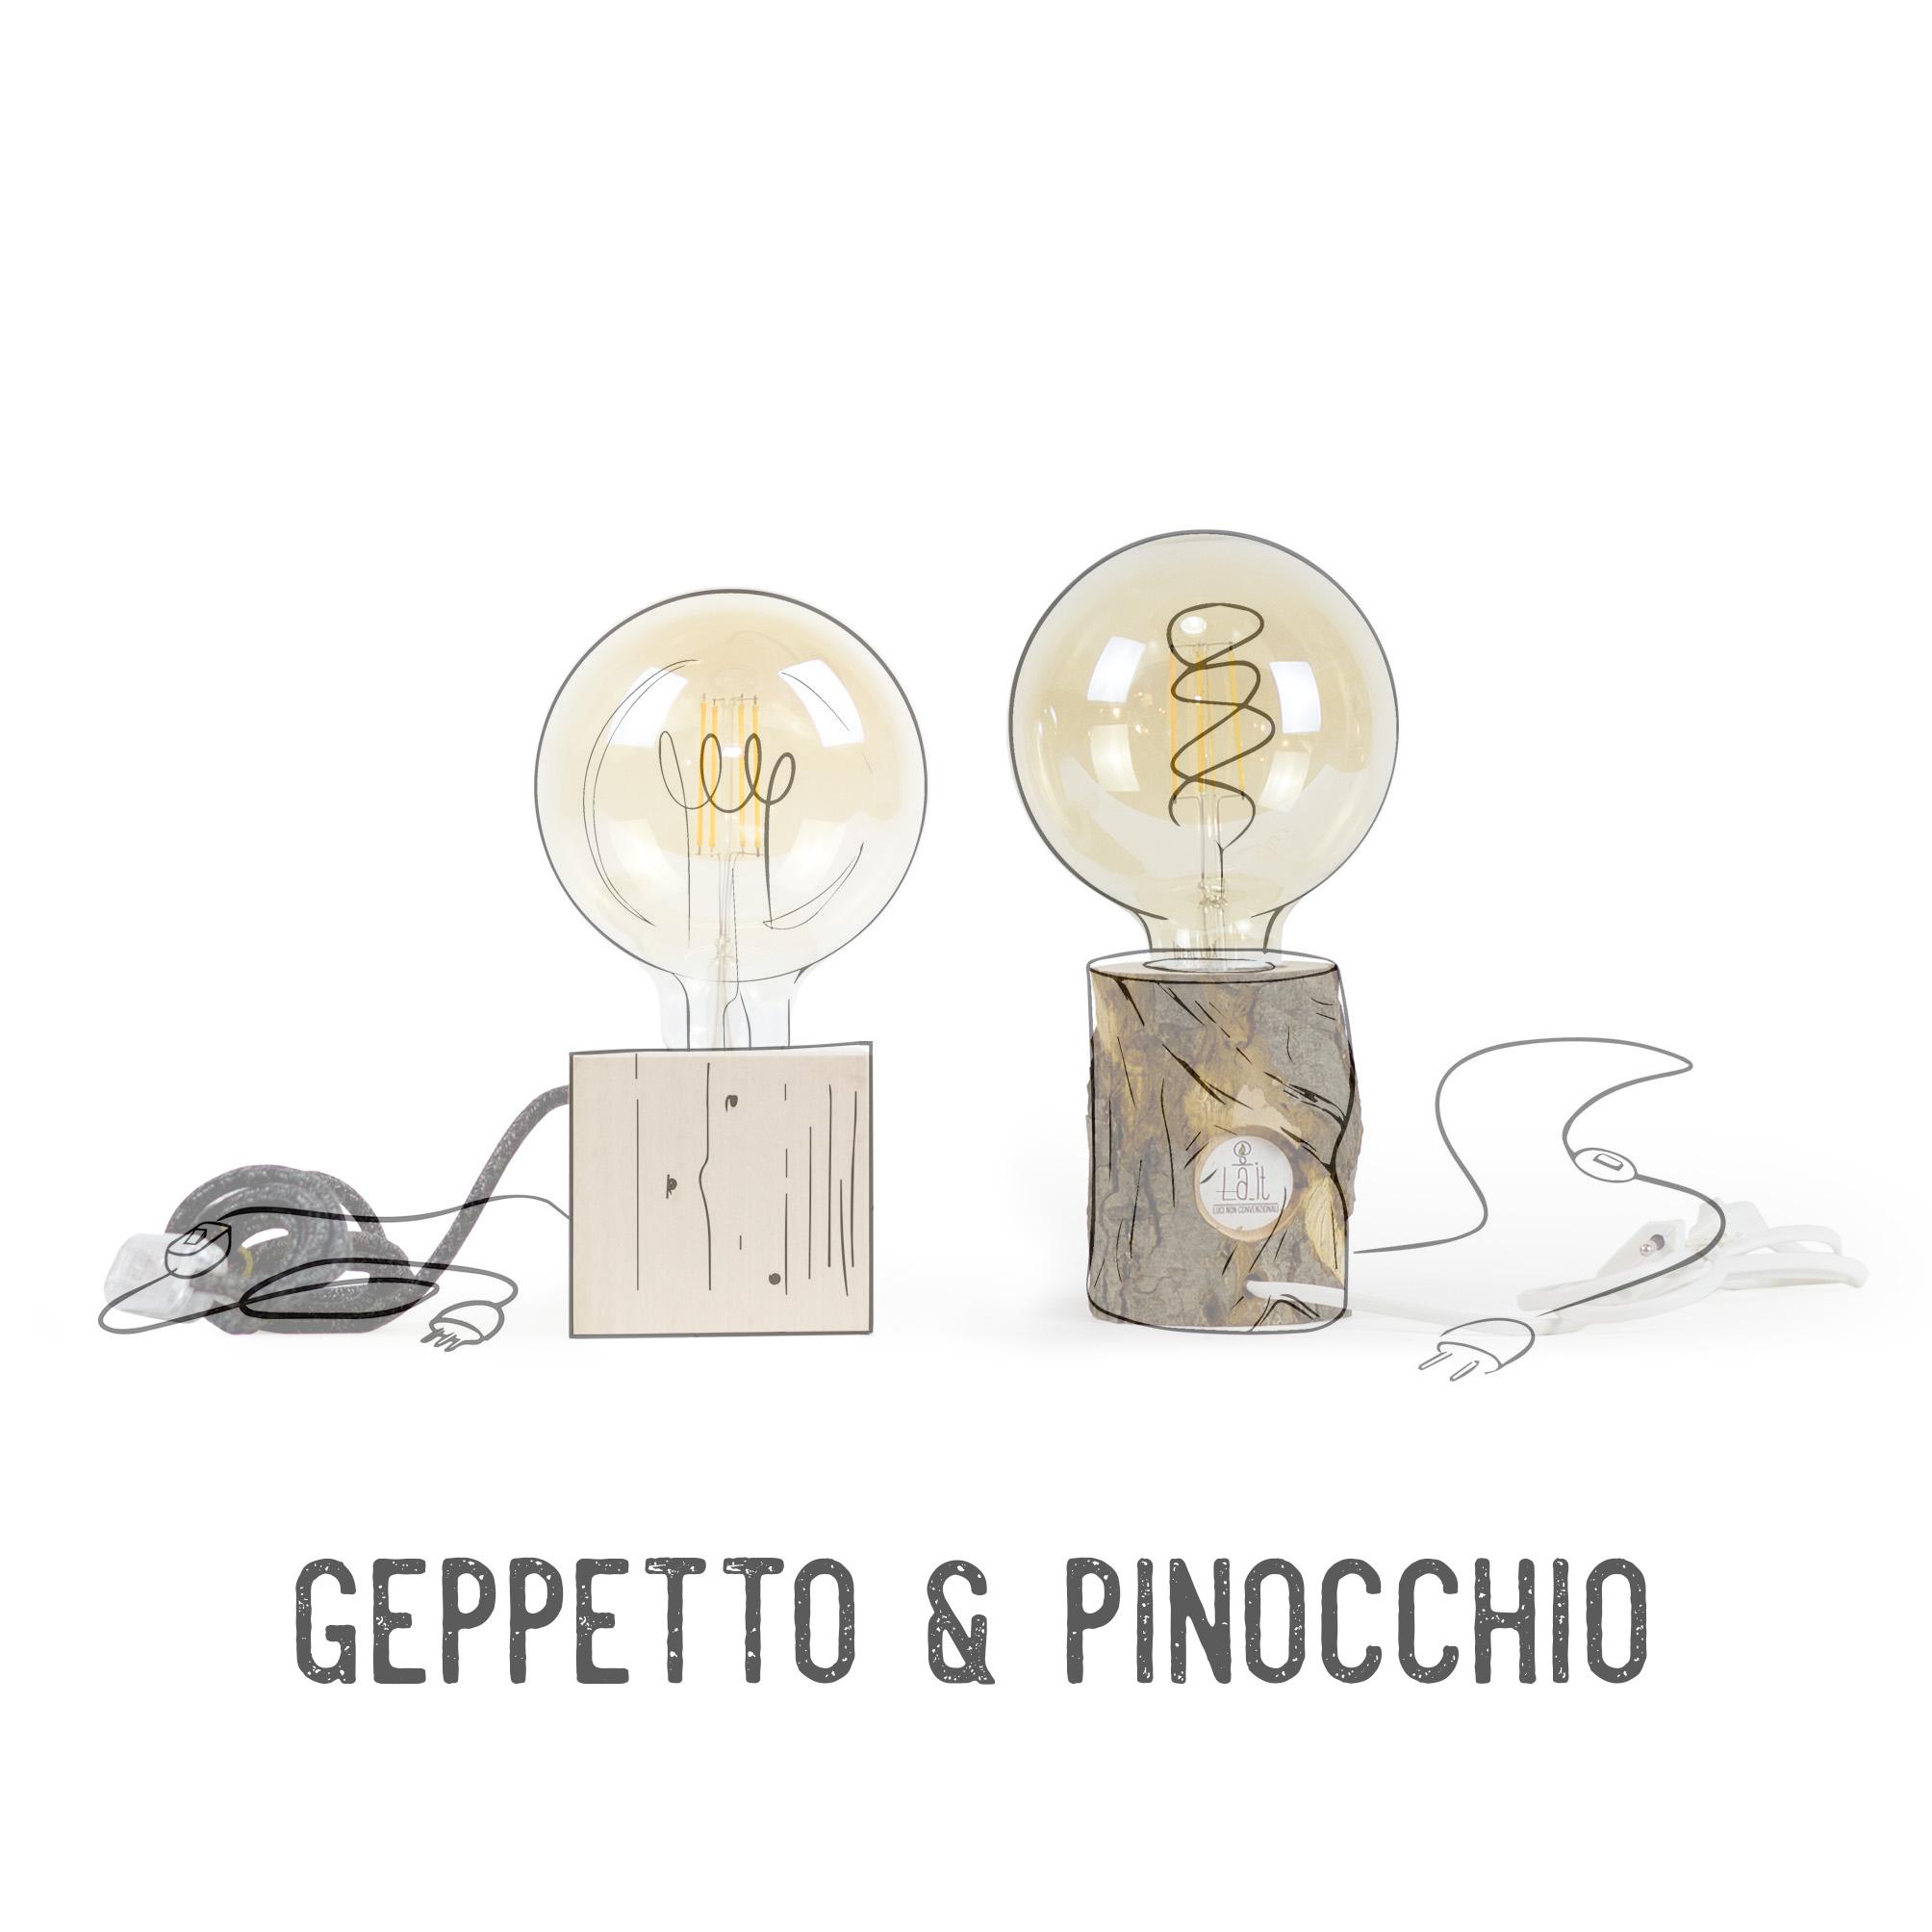 Contenuto Geppetto & Pinocchio